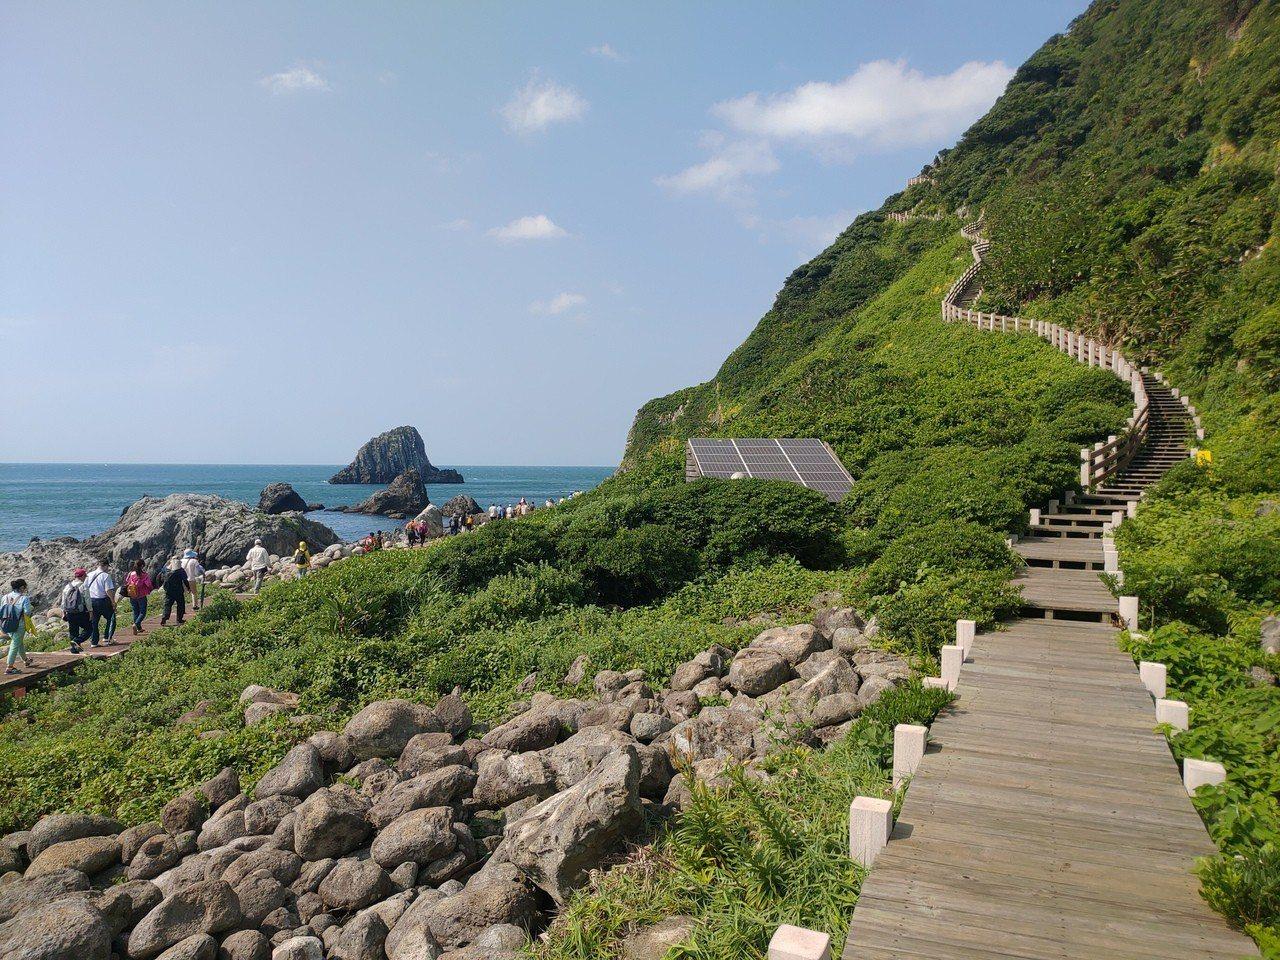 因遭受蘇力颱風襲擊而封島5年的基隆嶼,有台灣龍珠之稱,以嶄新面貌重新對外開放登島...